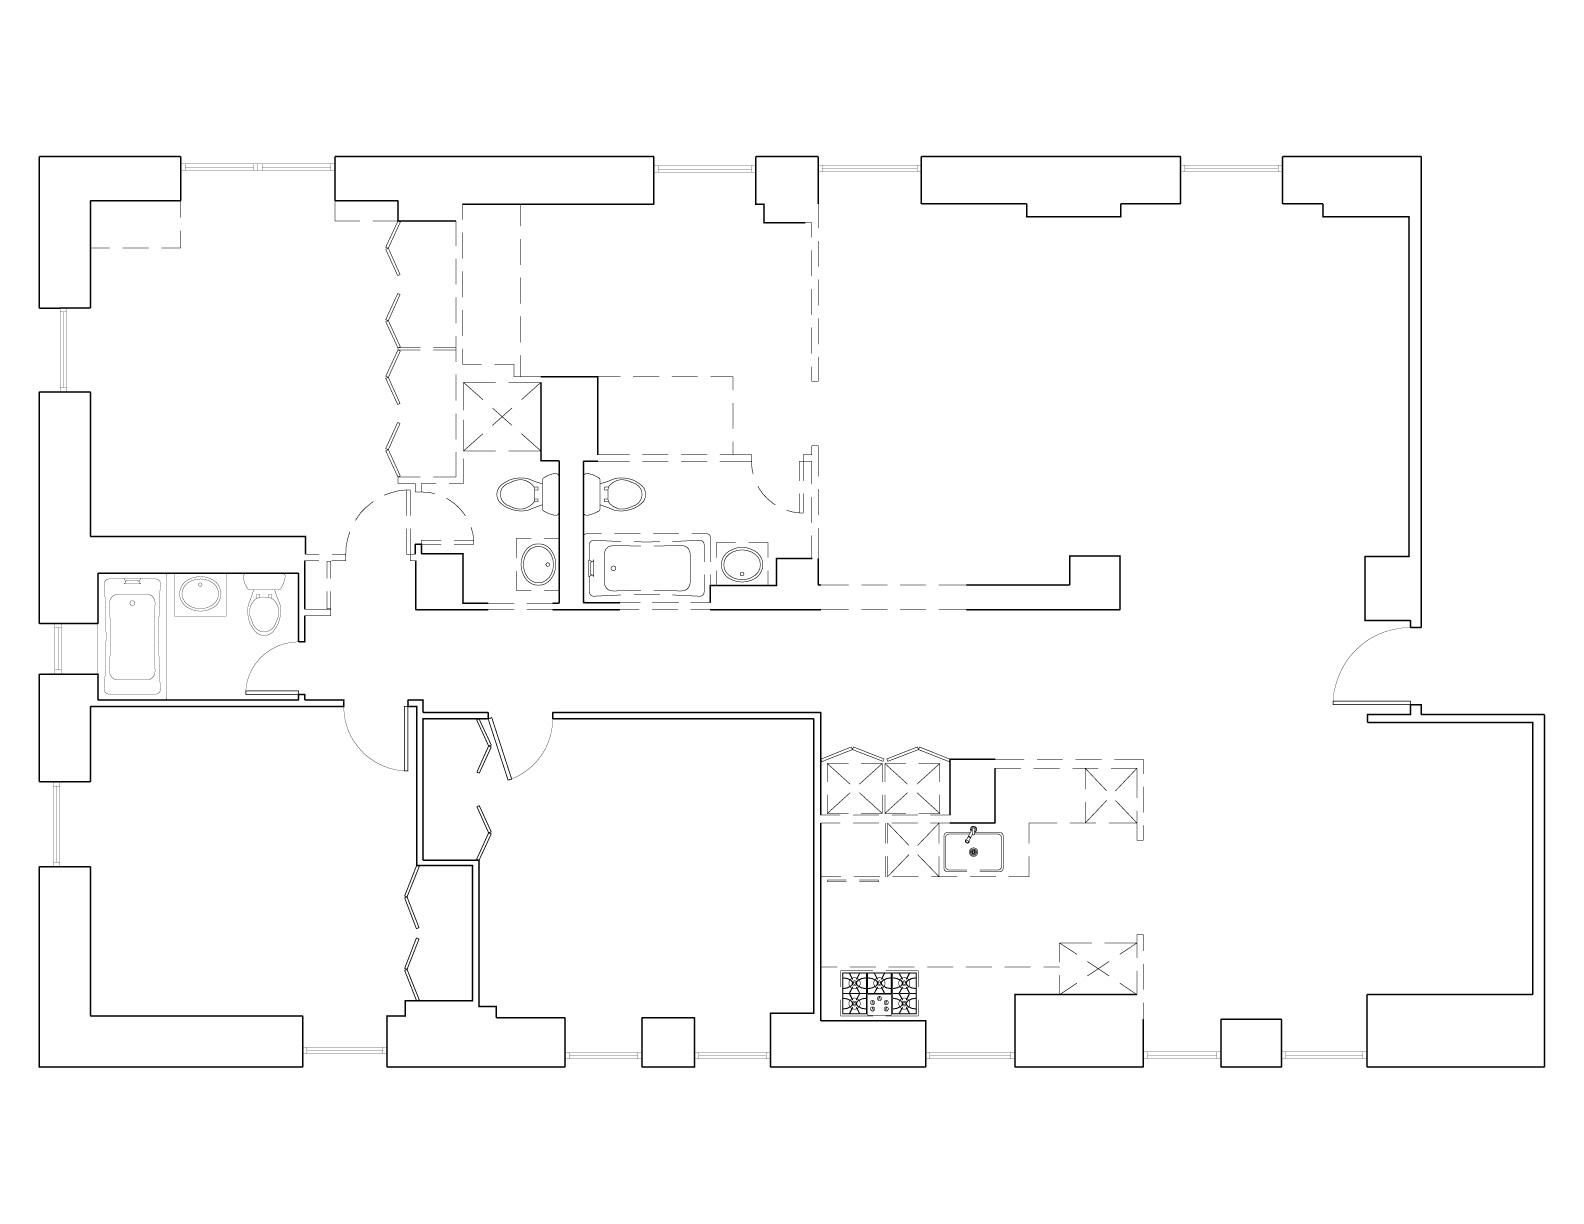 Floor Plan -- Before